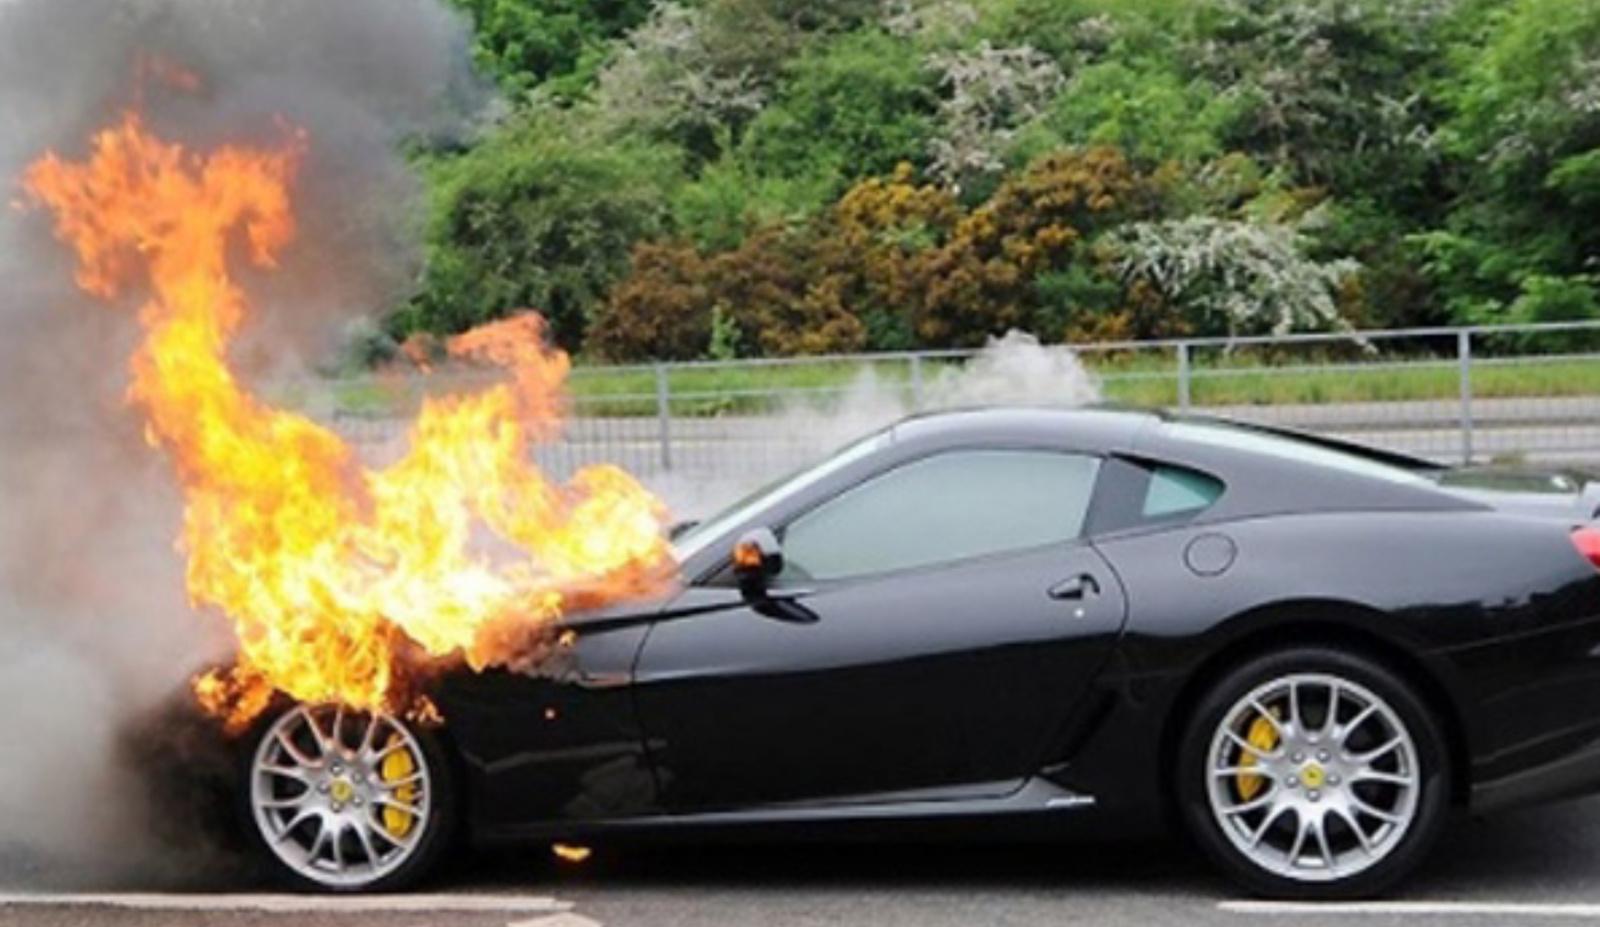 Utenoje galimai padegtas automobilis